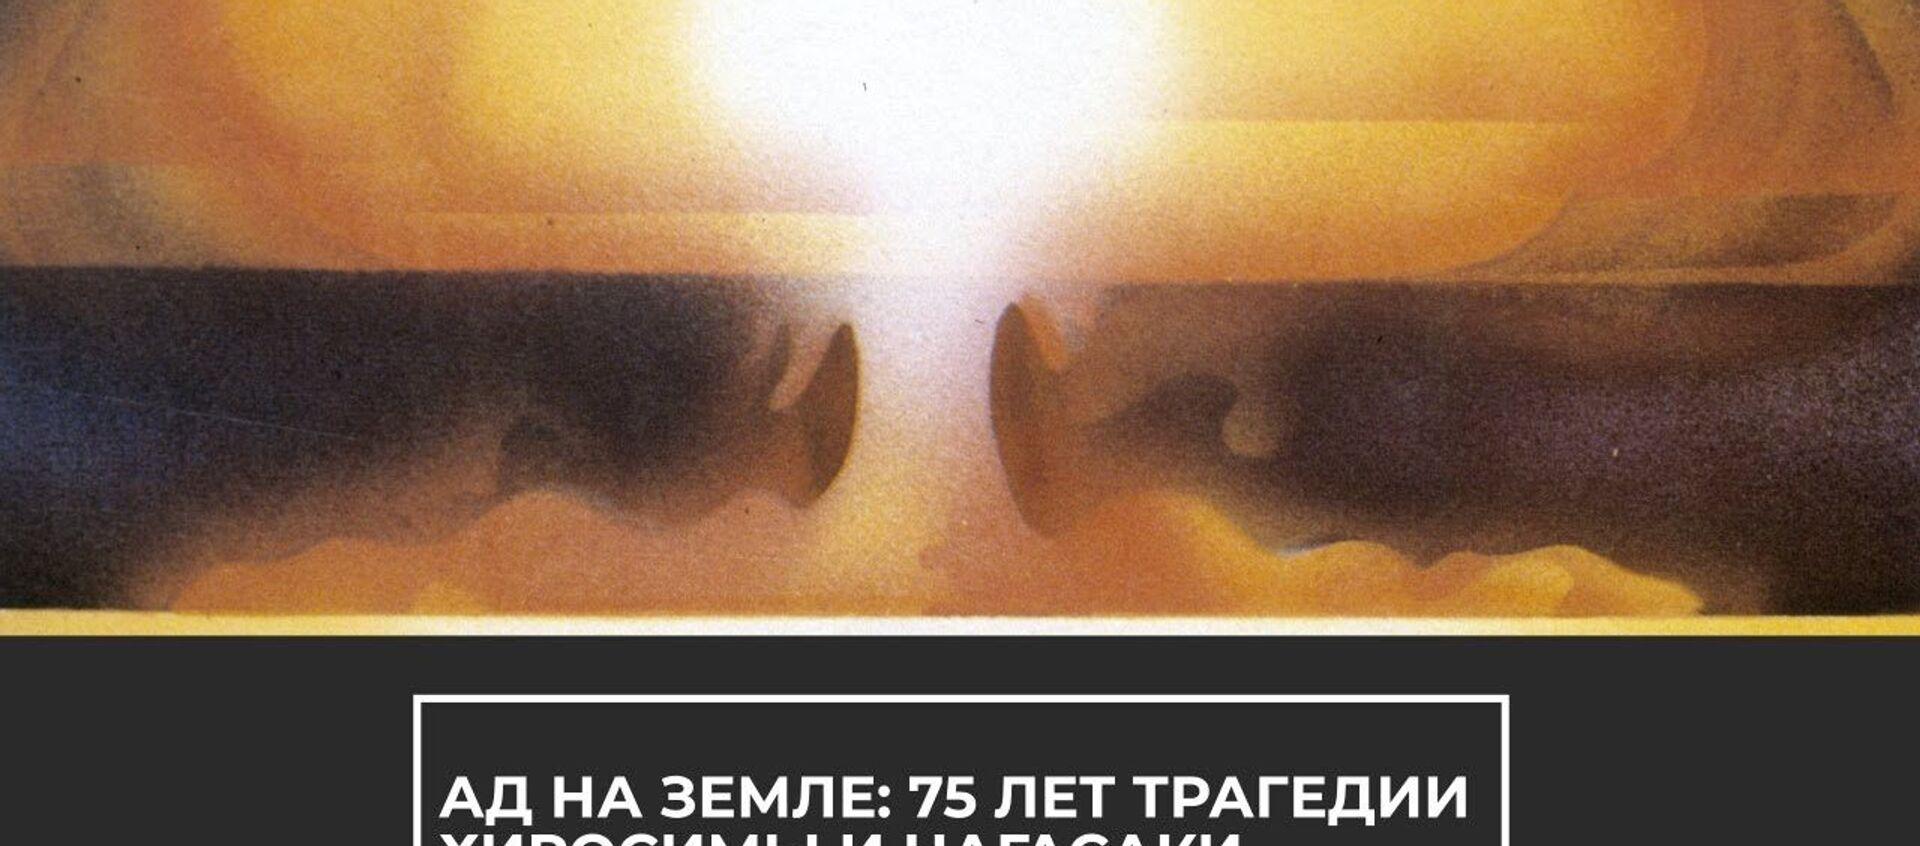 75 лет трагедии Хиросимы и Нагасаки - Sputnik Latvija, 1920, 06.08.2020